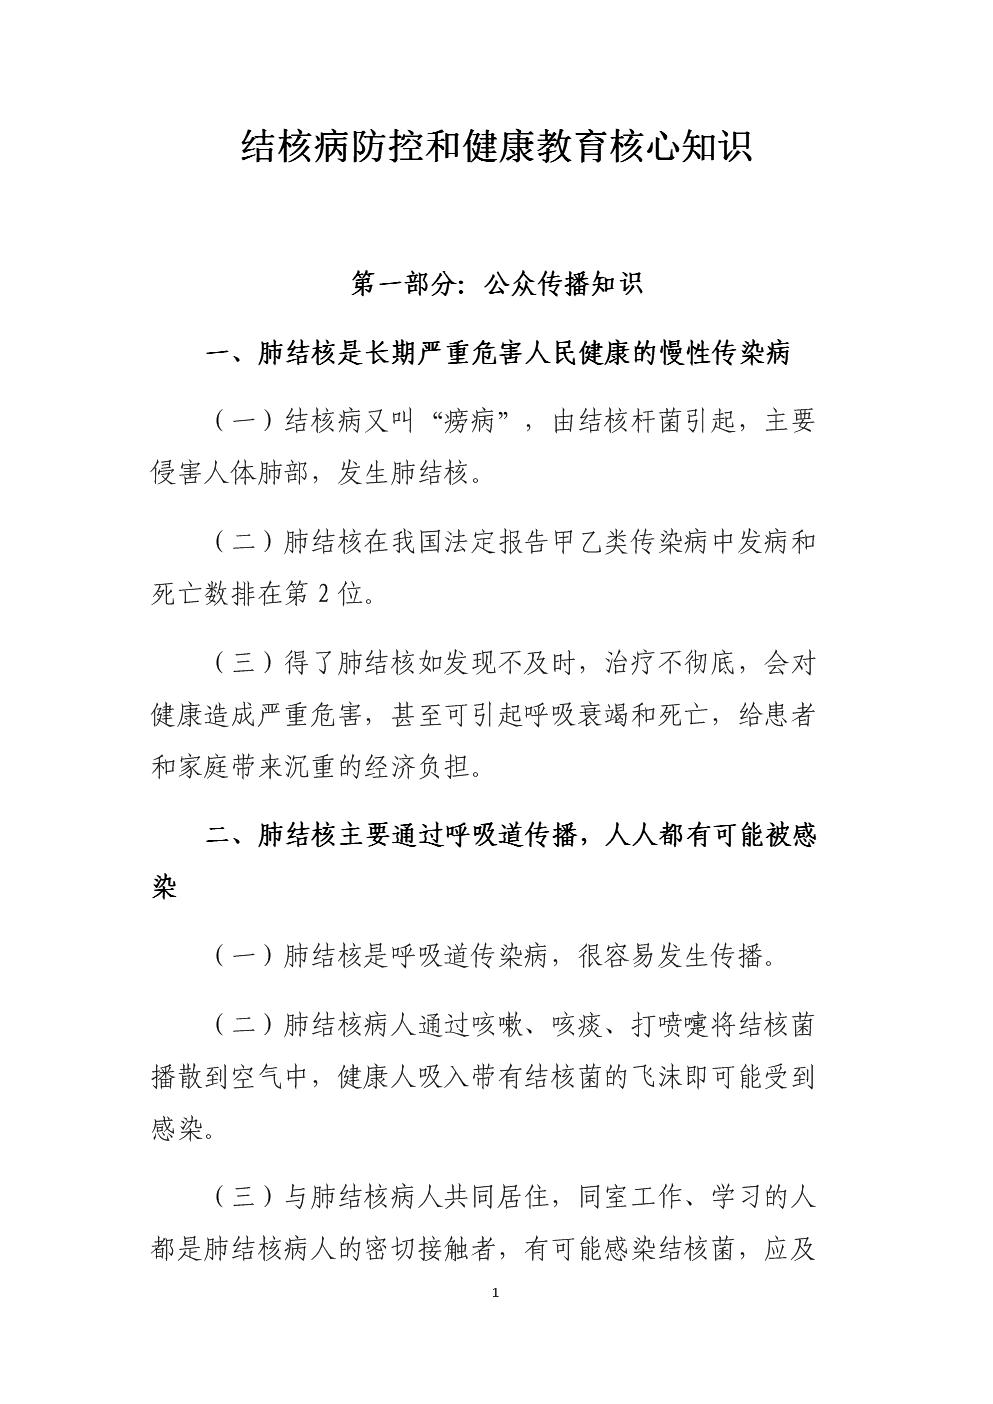 结核病防控和健康教育核心知识.docx